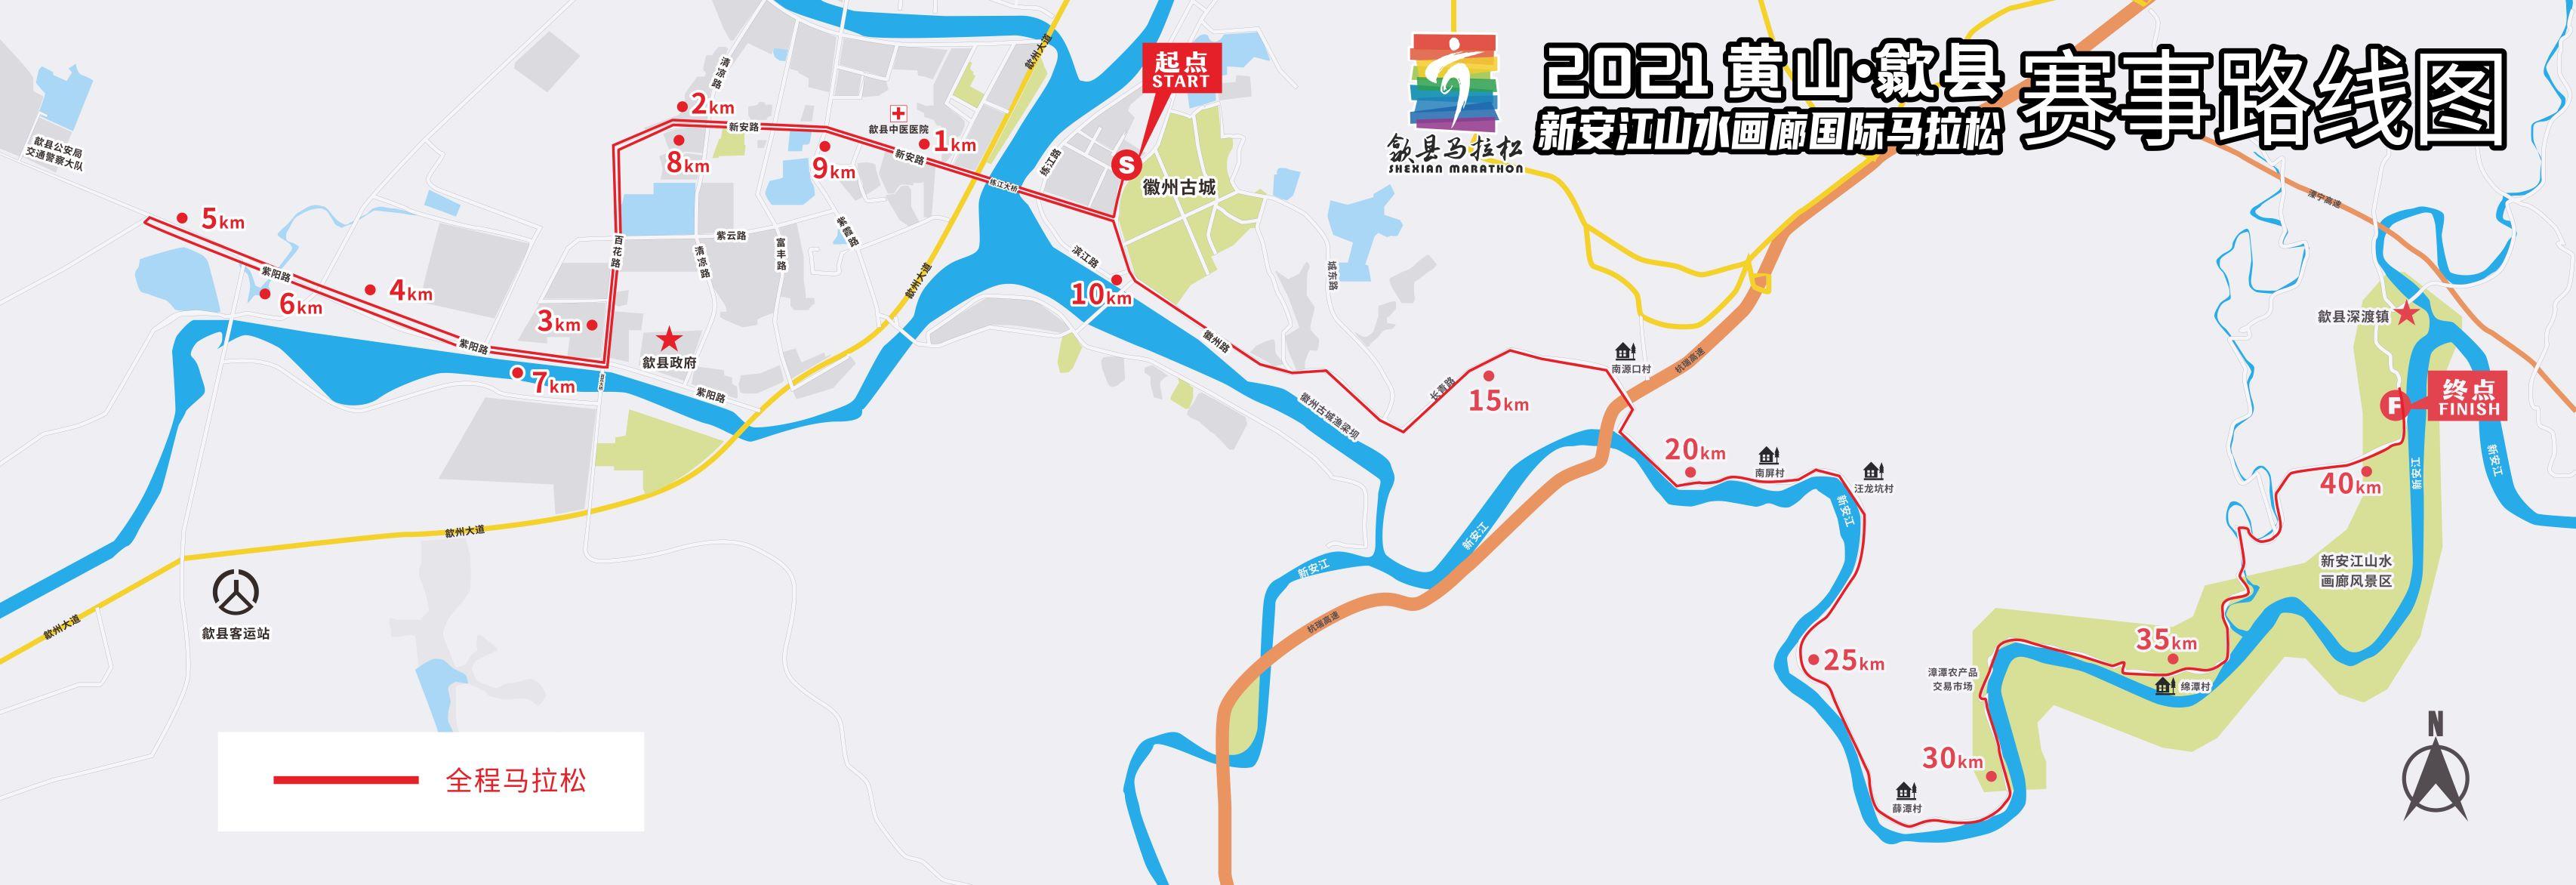 全程马拉松线路图.jpg